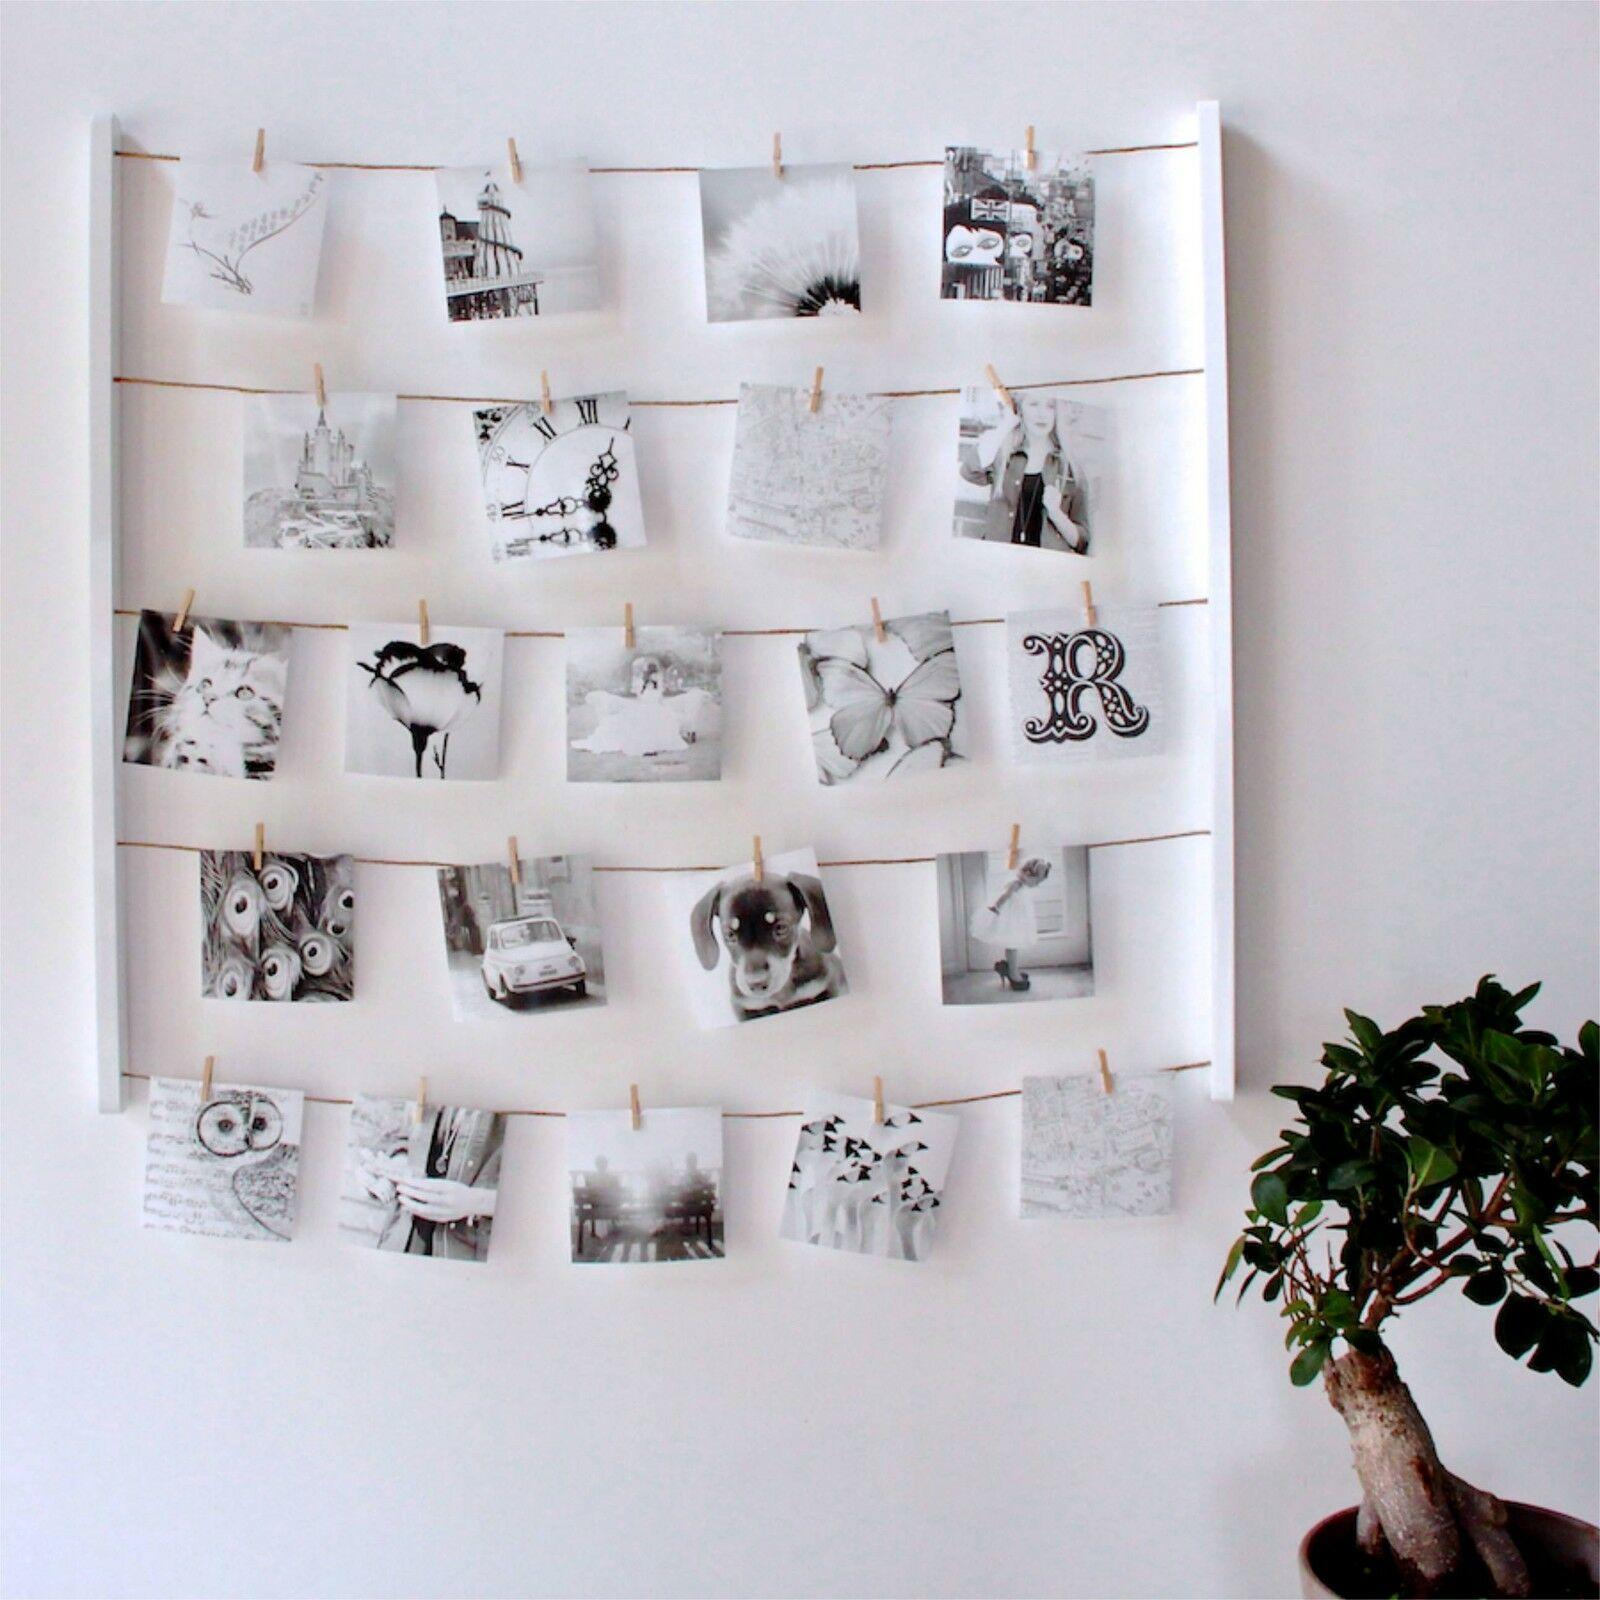 панно из фотографий на стену своими руками гостиницы, хостелы